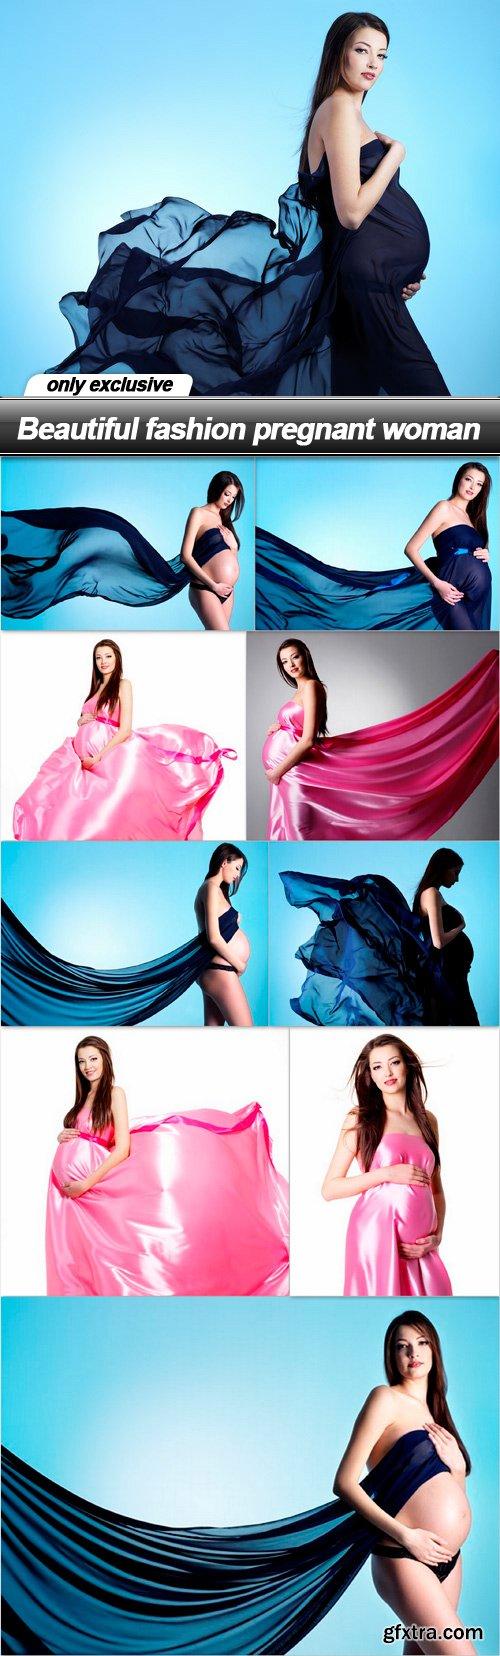 Beautiful fashion pregnant woman - 10 UHQ JPEG